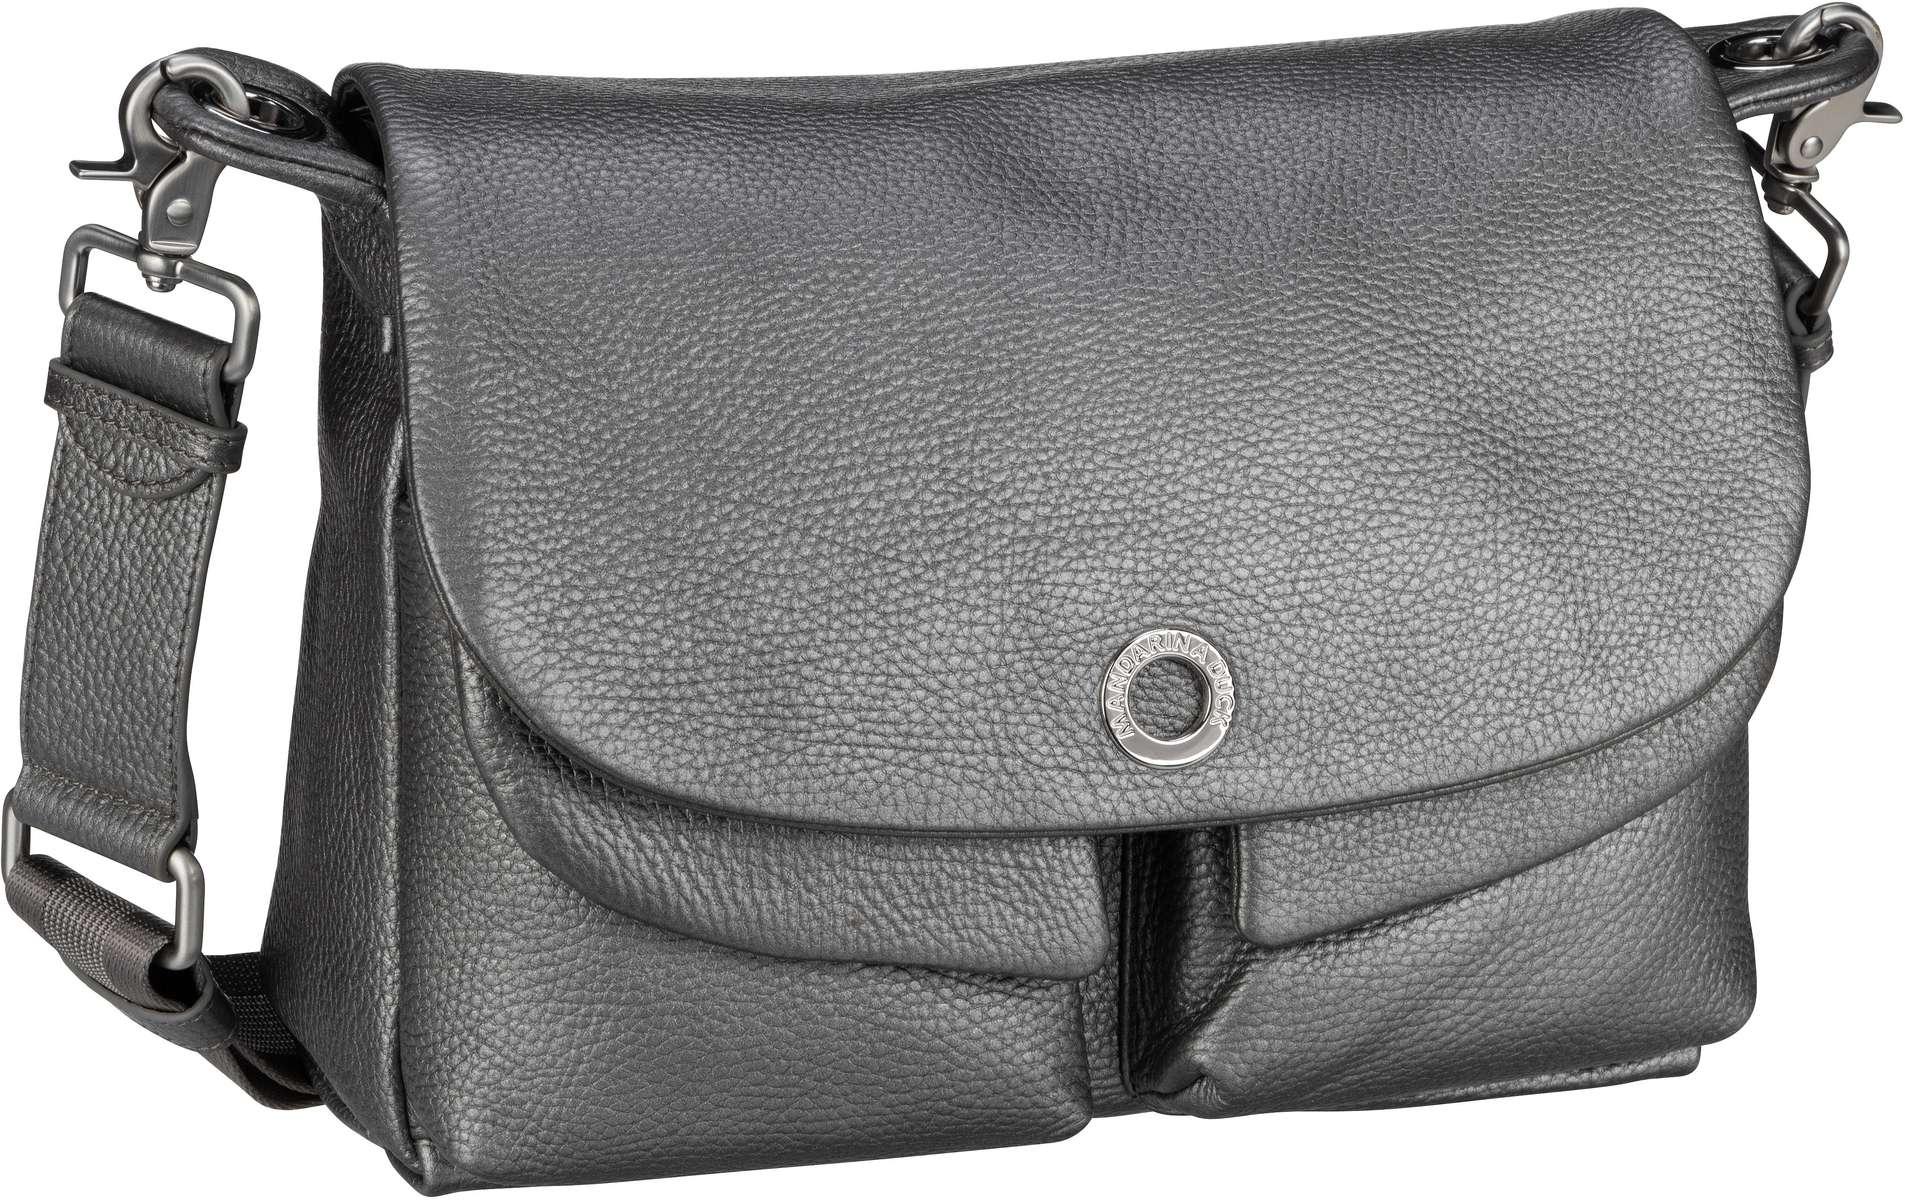 Umhängetasche Mellow Leather Lux Shoulder Bag ZLT23 Lead